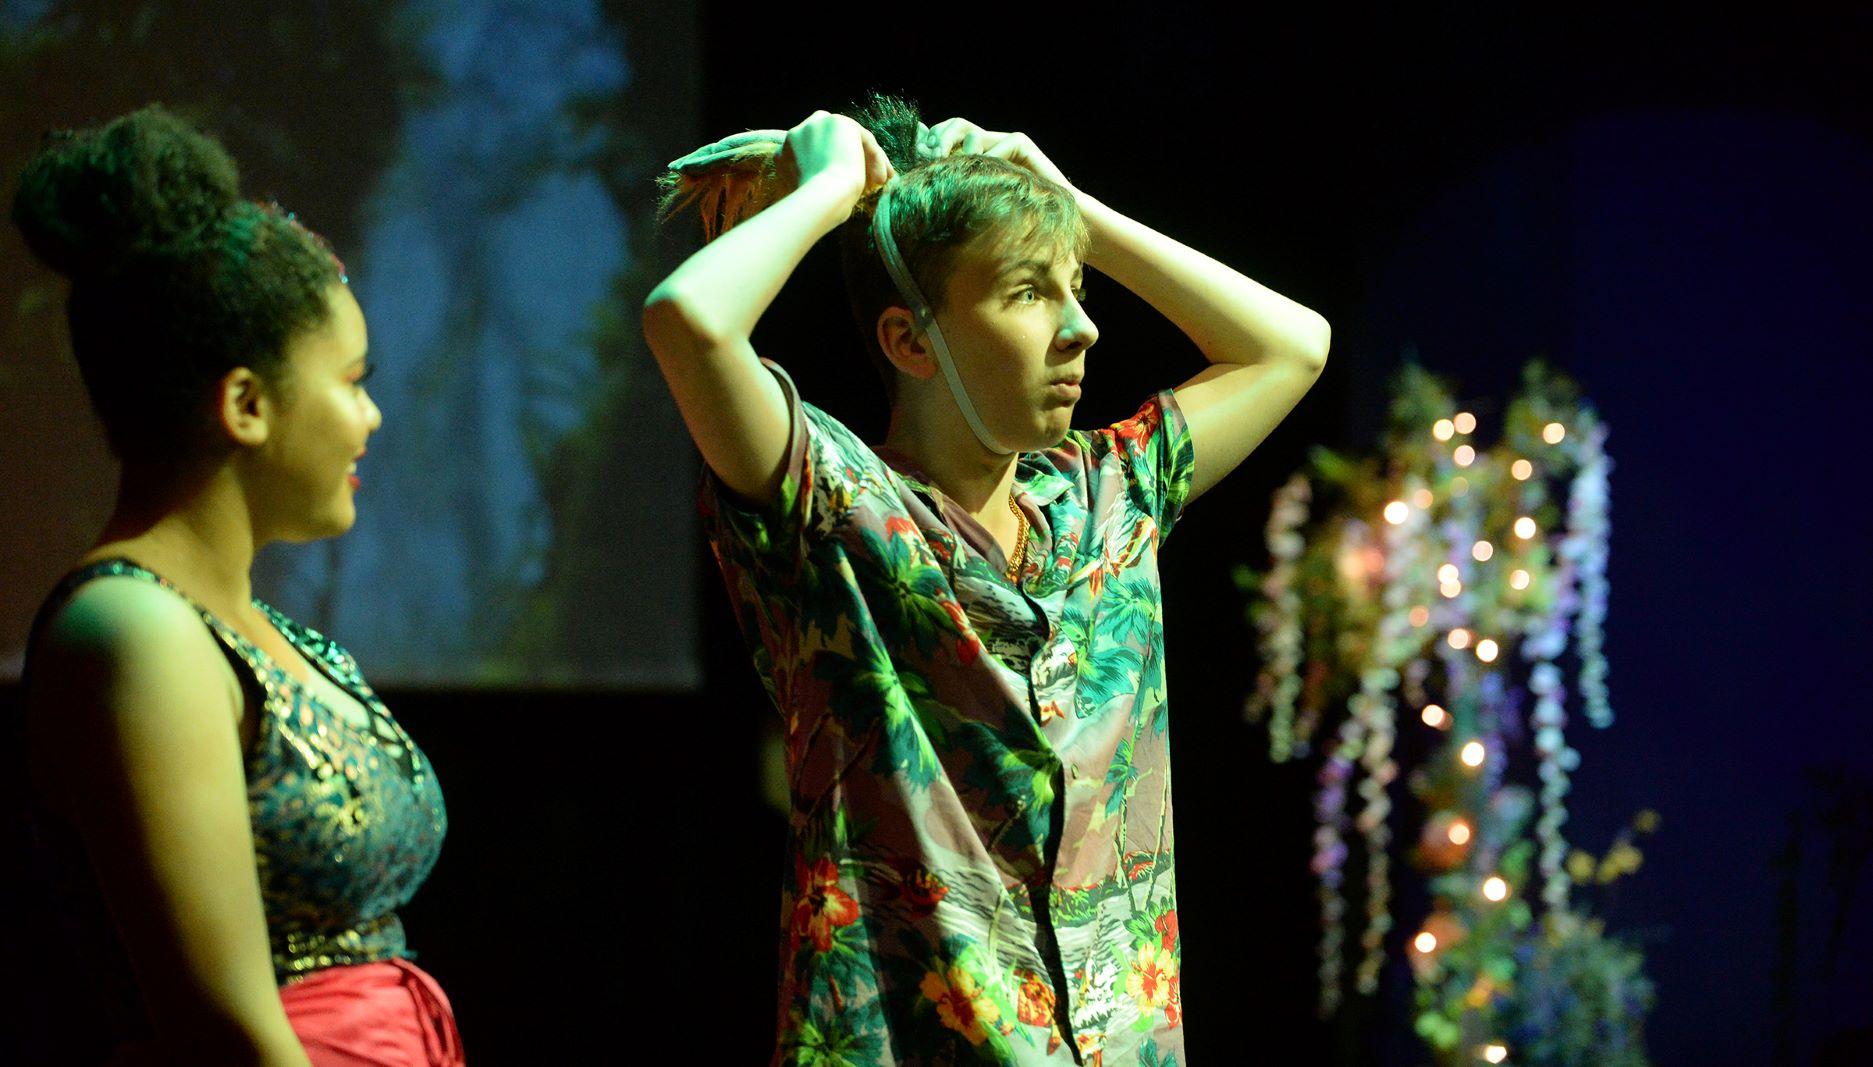 Actor dancer Noah